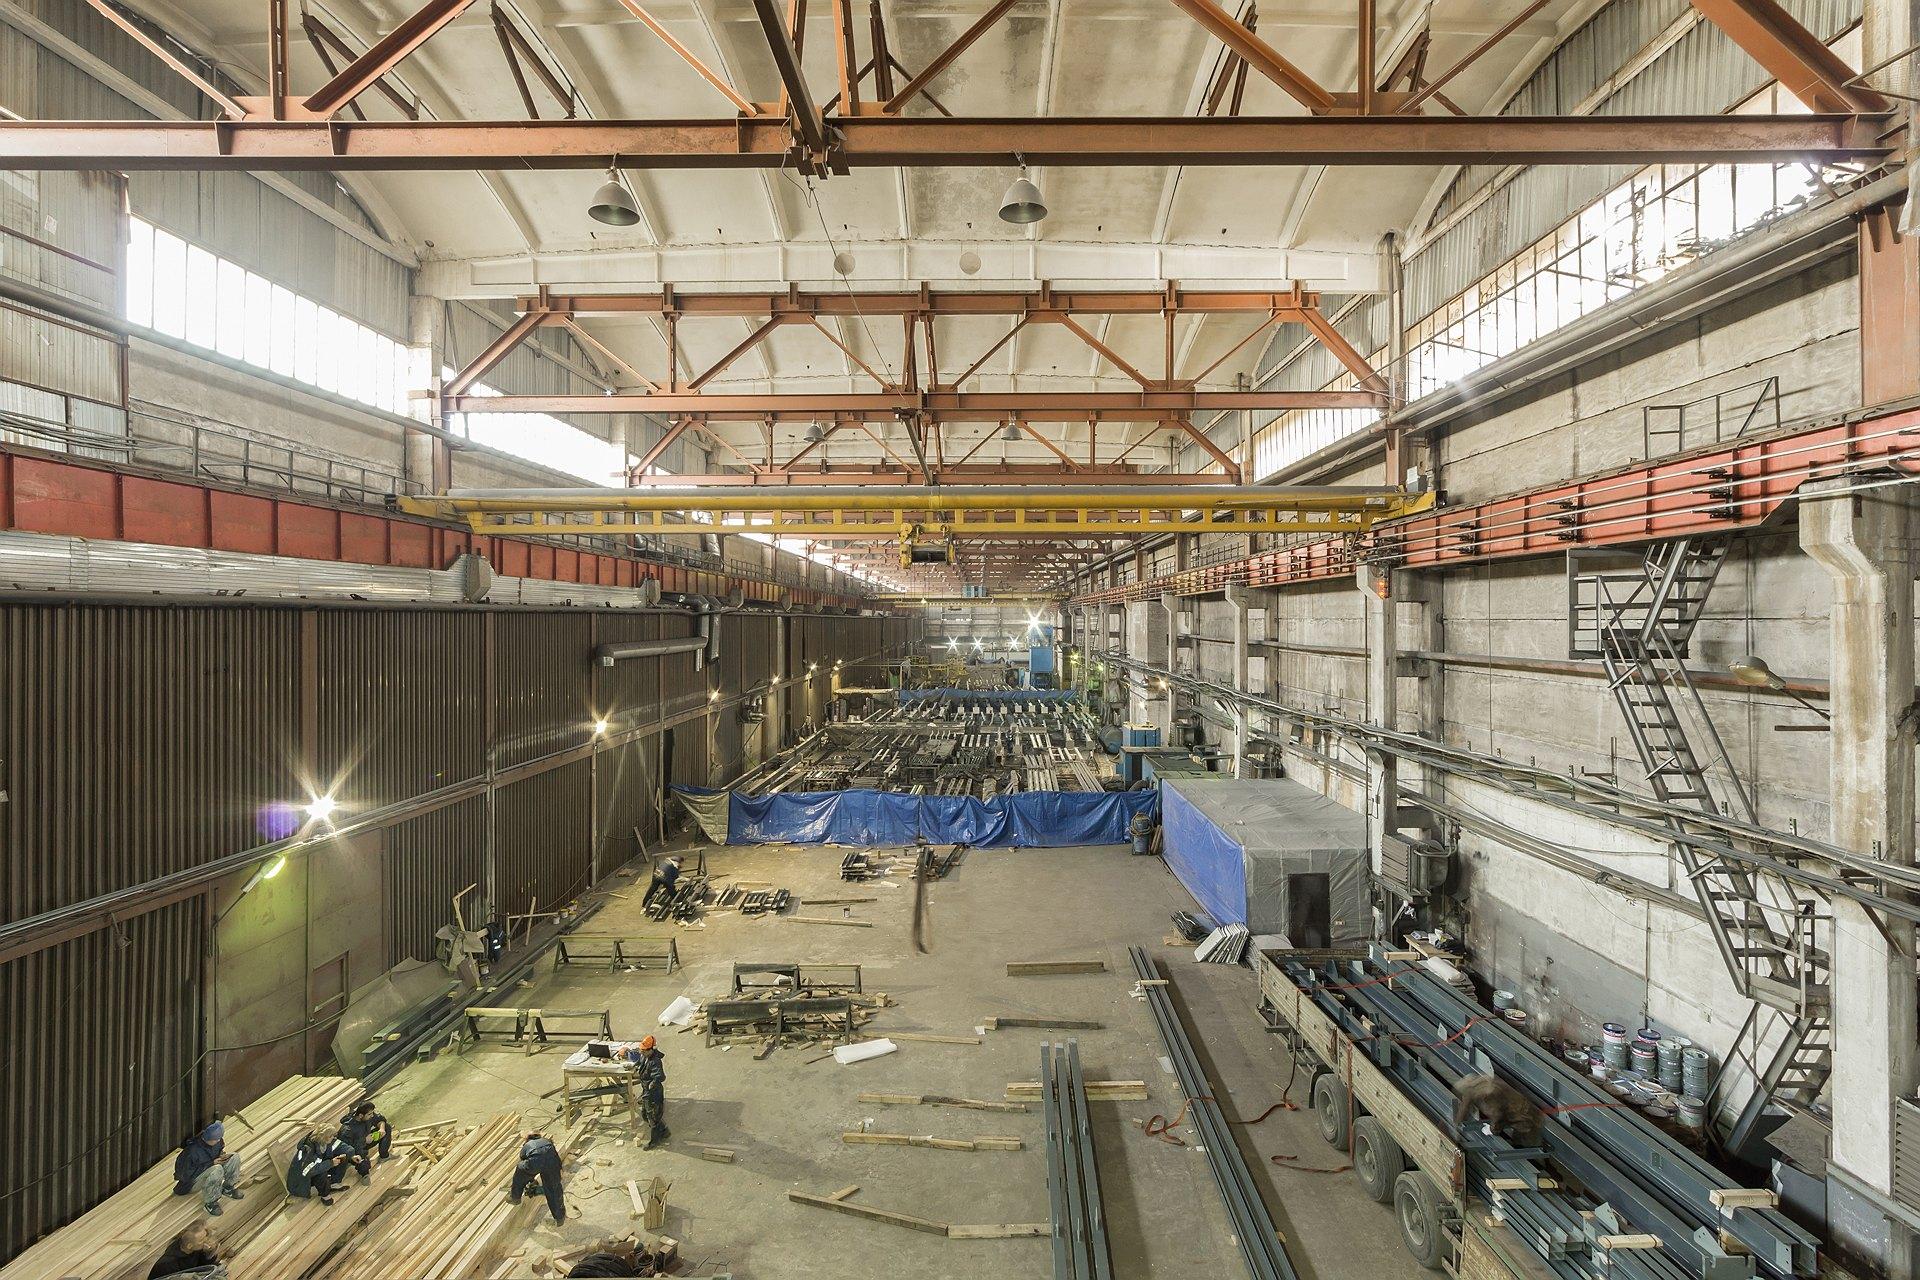 Сдается в аренду производственно-складской комплекс с административными помещениями общей площадью — 5260м2 на земельном участке 6337м2 по адресу 3-й Рыбацкий проезд, д.3, Лит. Д и Лит. Е.